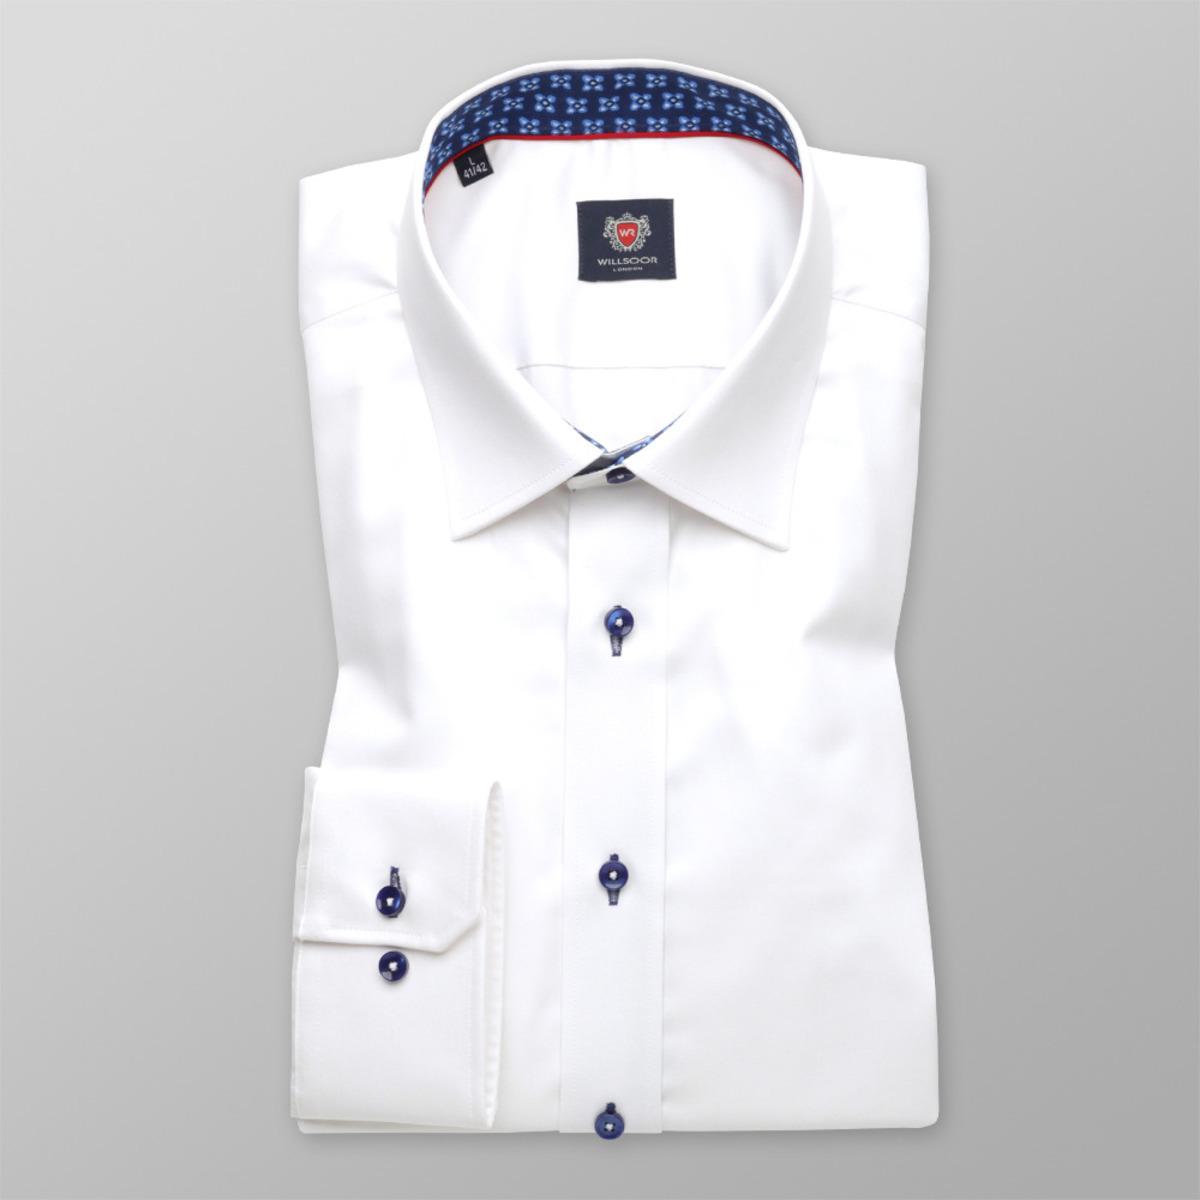 Košile London v bílé barvě (všechny velikosti) 9739 164-170 / S (37/38)